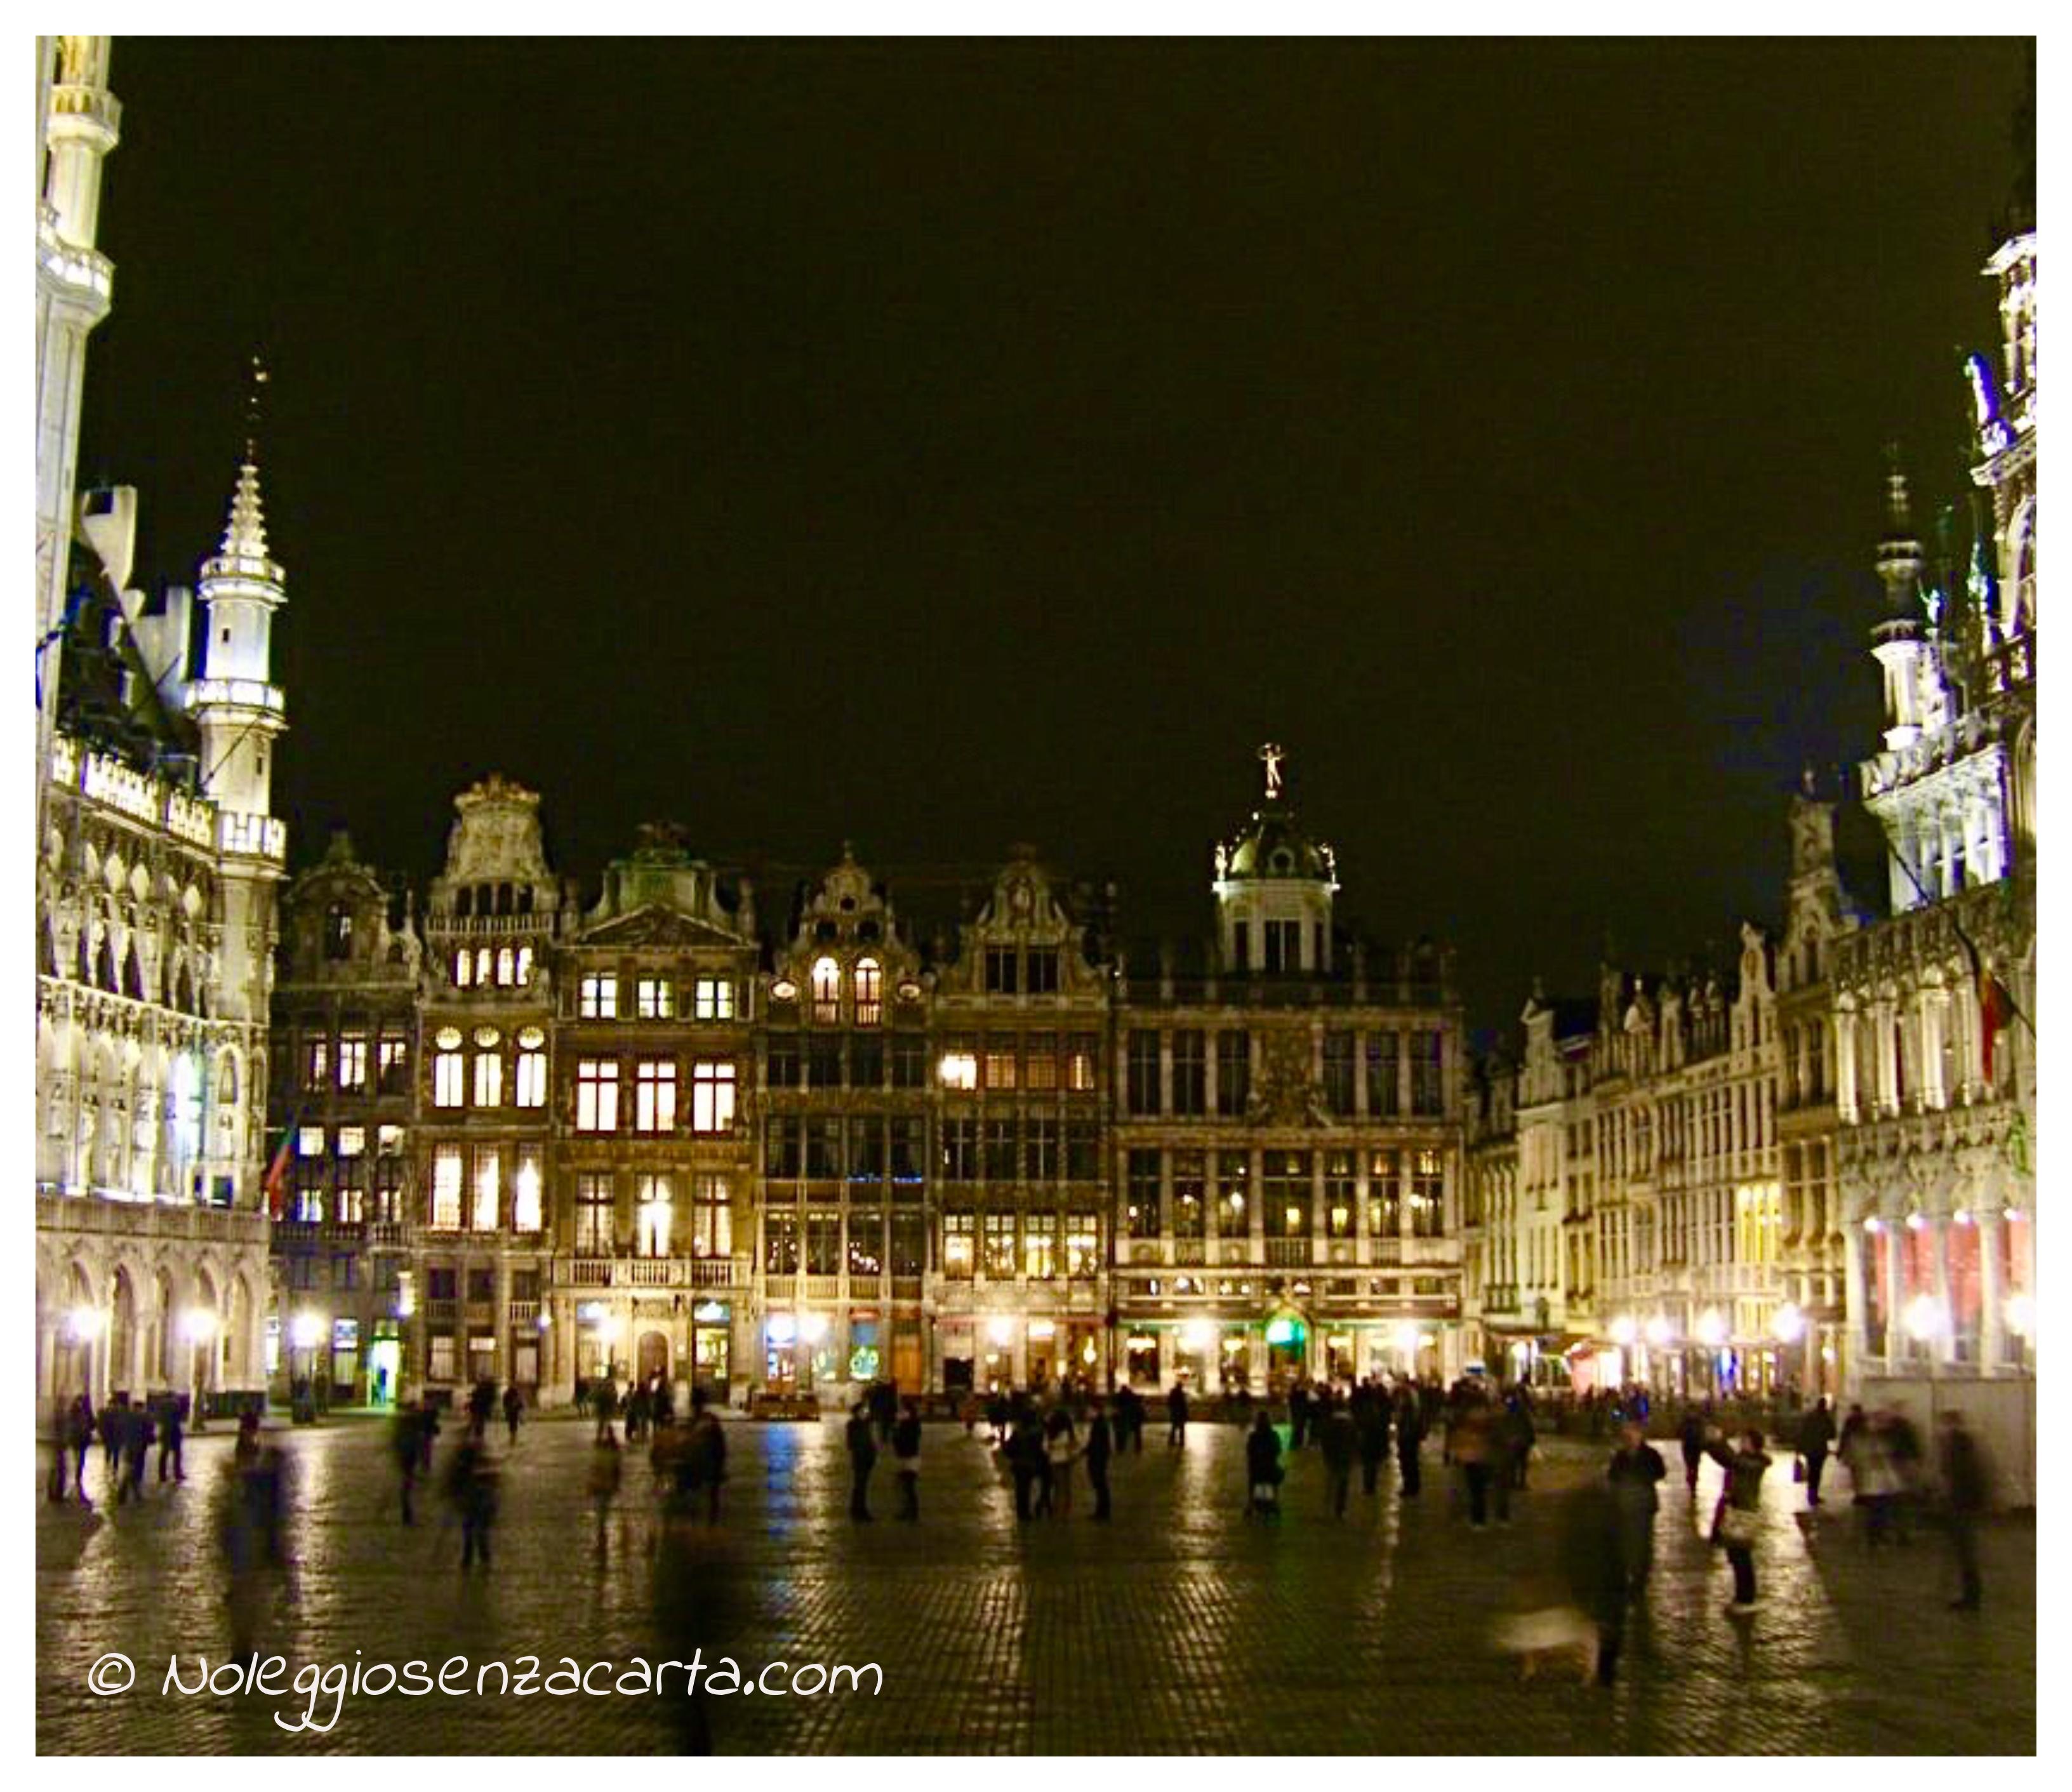 Noleggiare auto senza carta di credito a Bruxelles